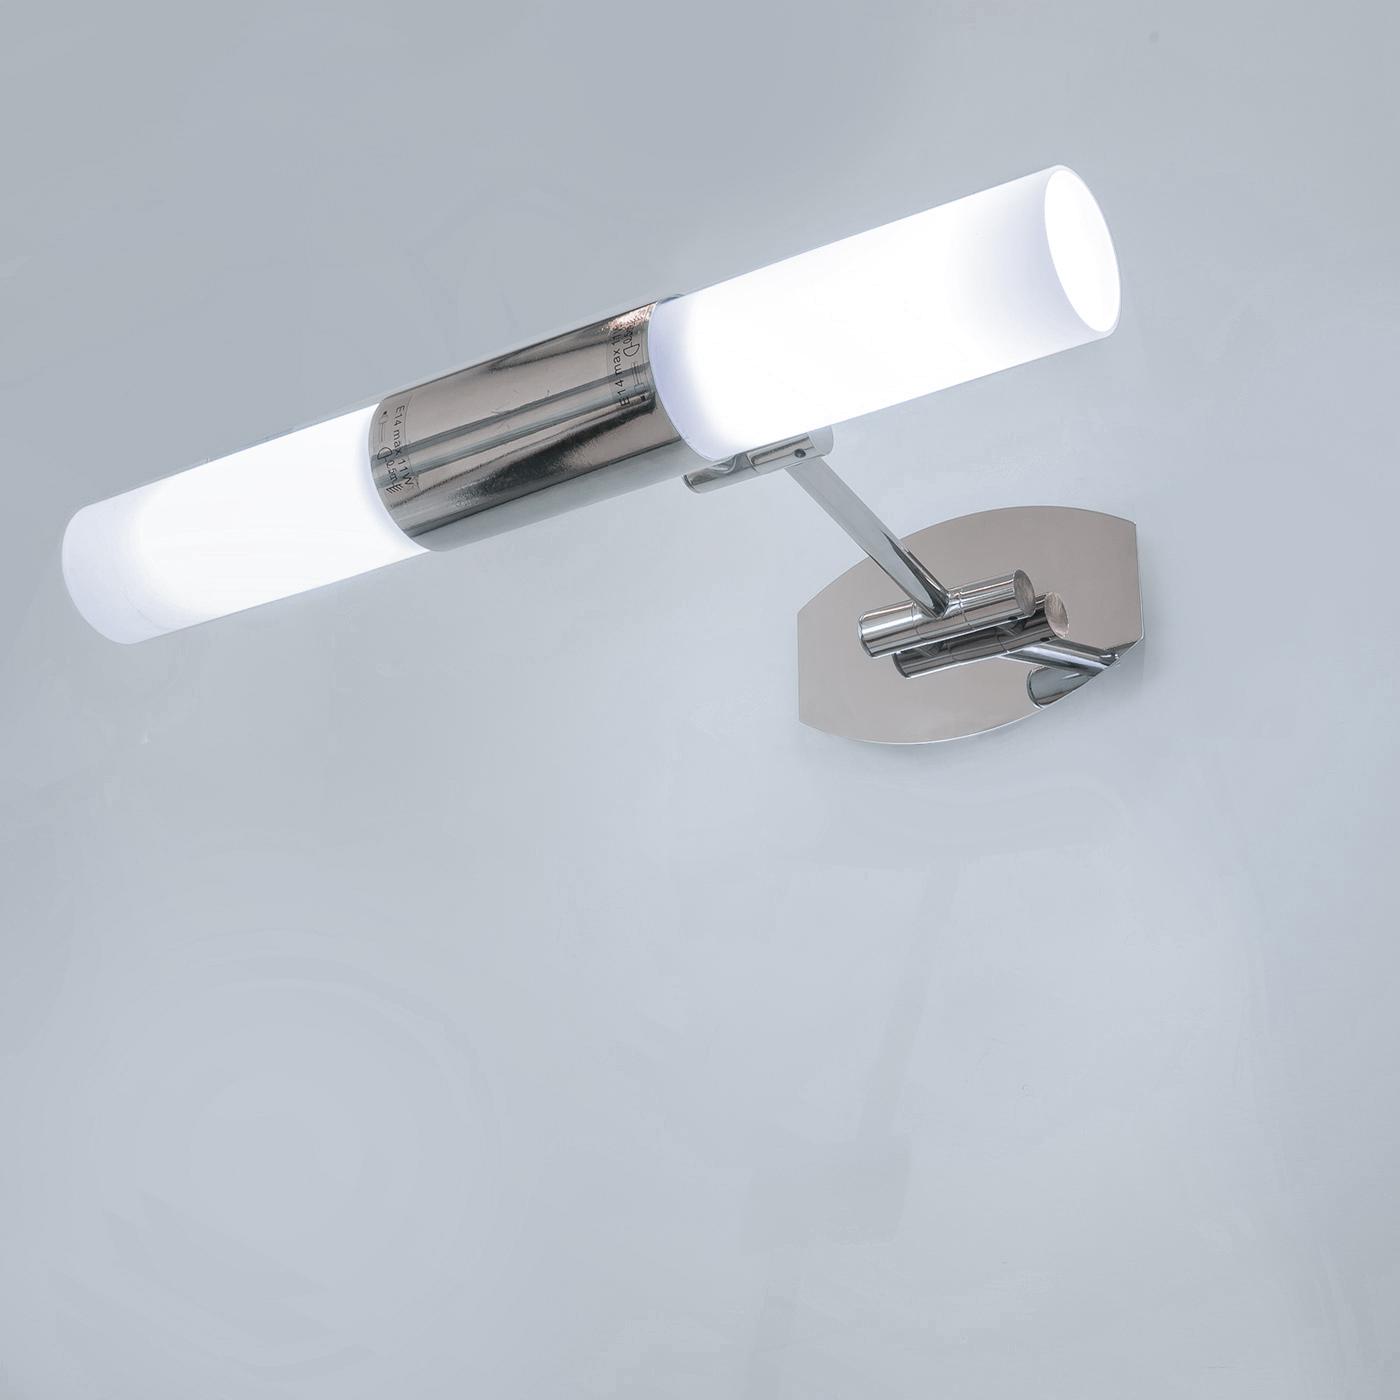 Luce Specchio Bagno Led.Lampada Luce Specchio Bagno Led 12w 230v E14 Applique Moderno